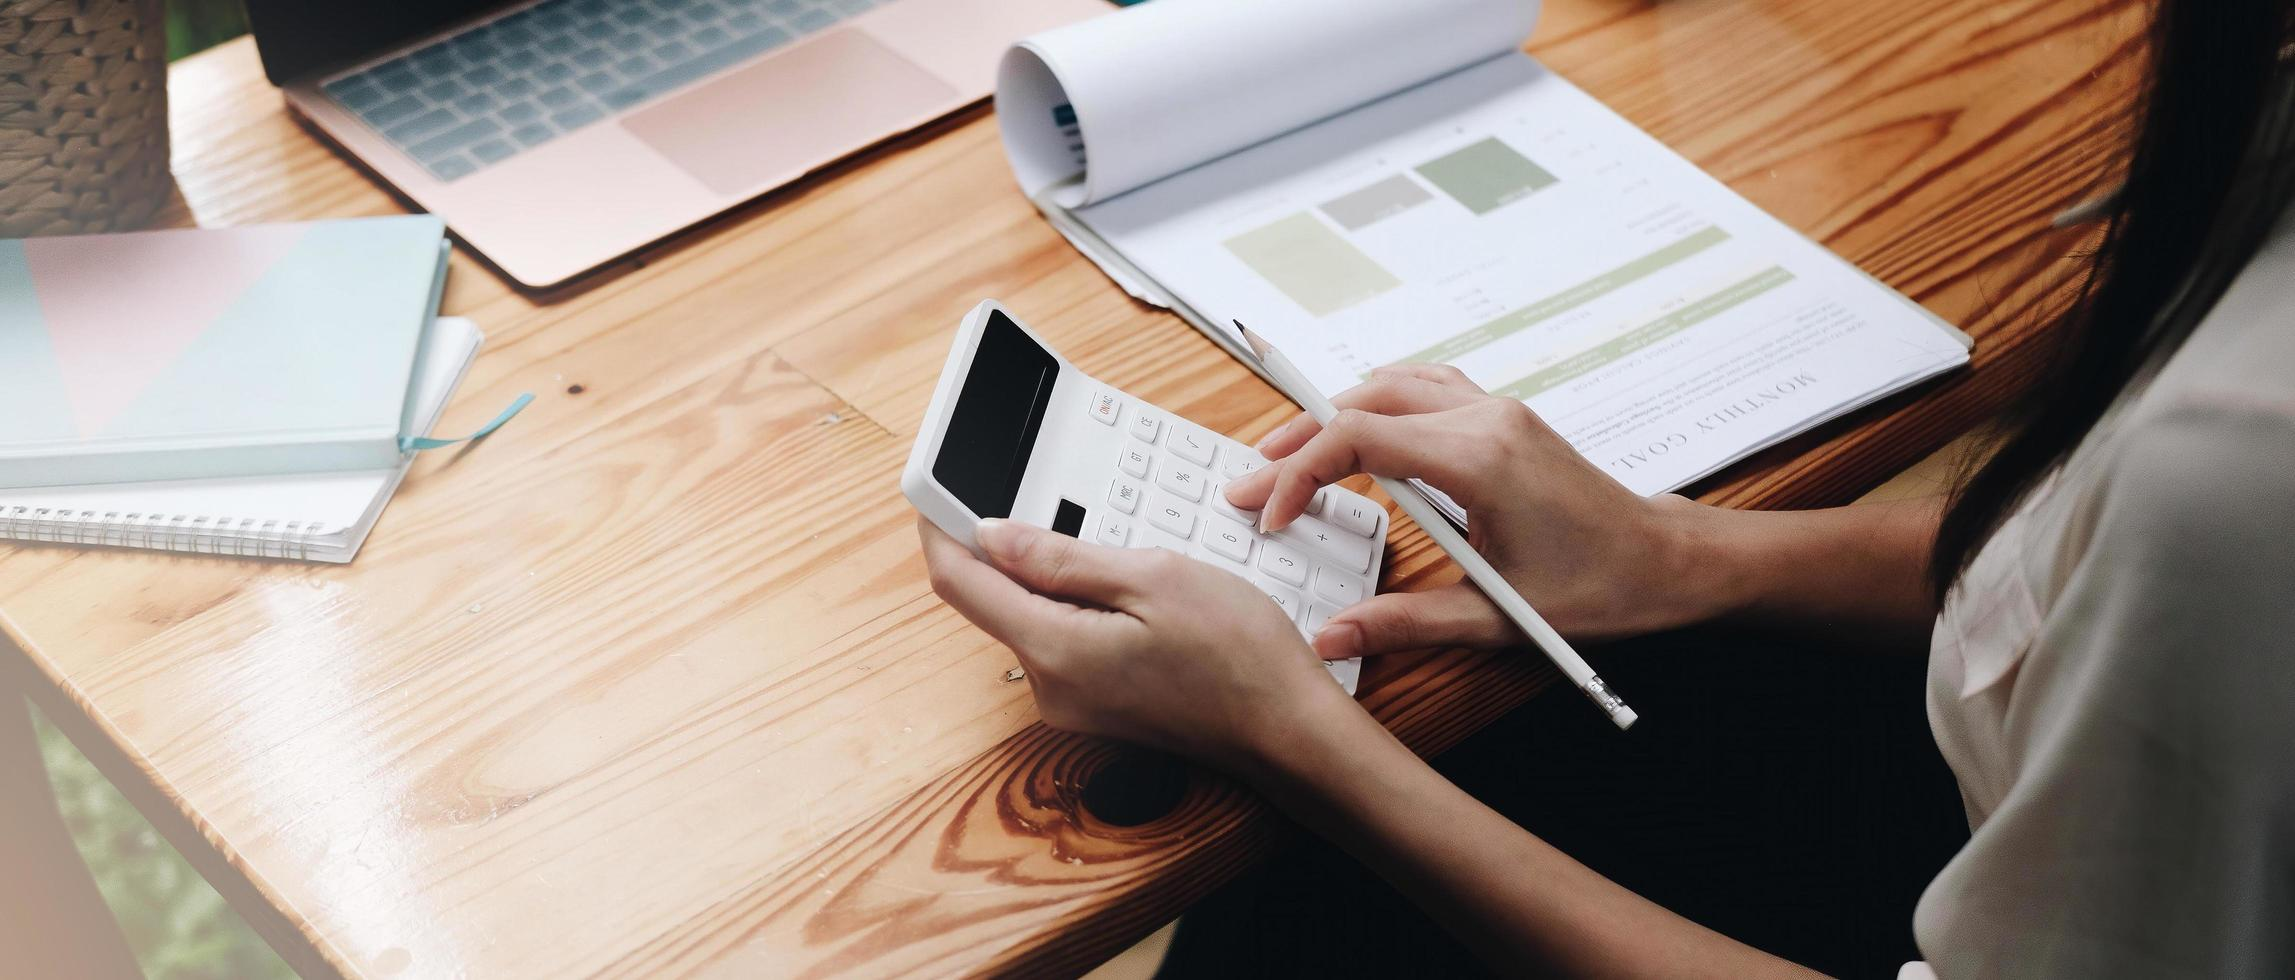 gros plan femme d'affaires à l'aide d'une calculatrice et d'un ordinateur portable pour faire des mathématiques photo